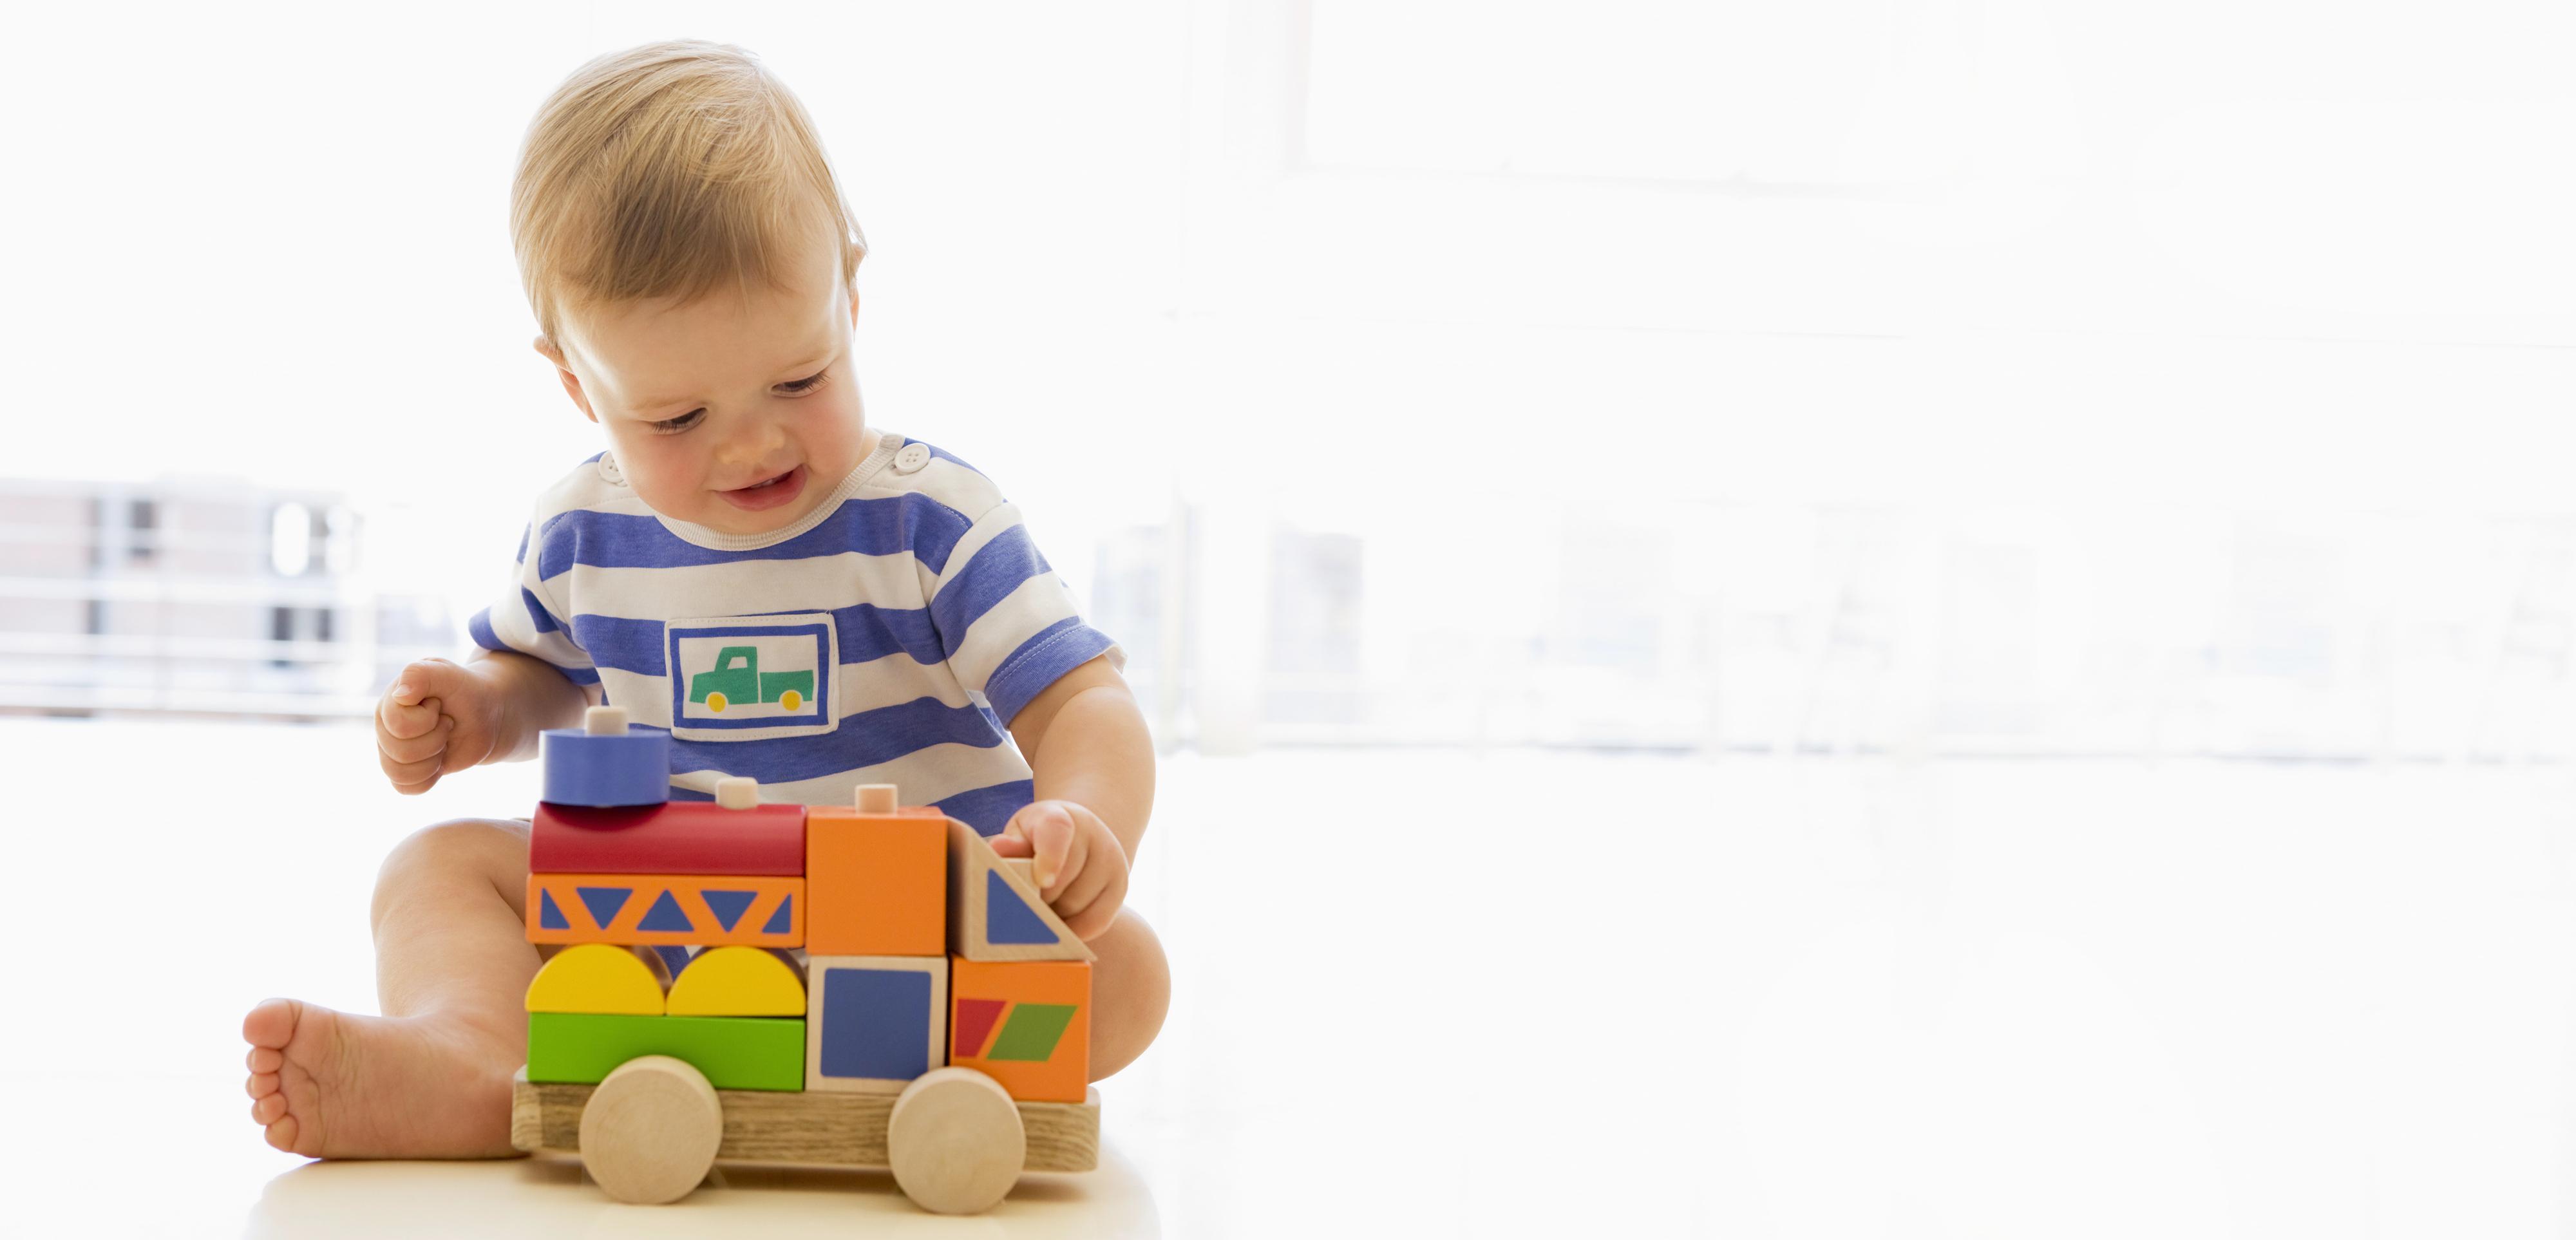 Развитие ребенкаигры и игрушки: месяц первый